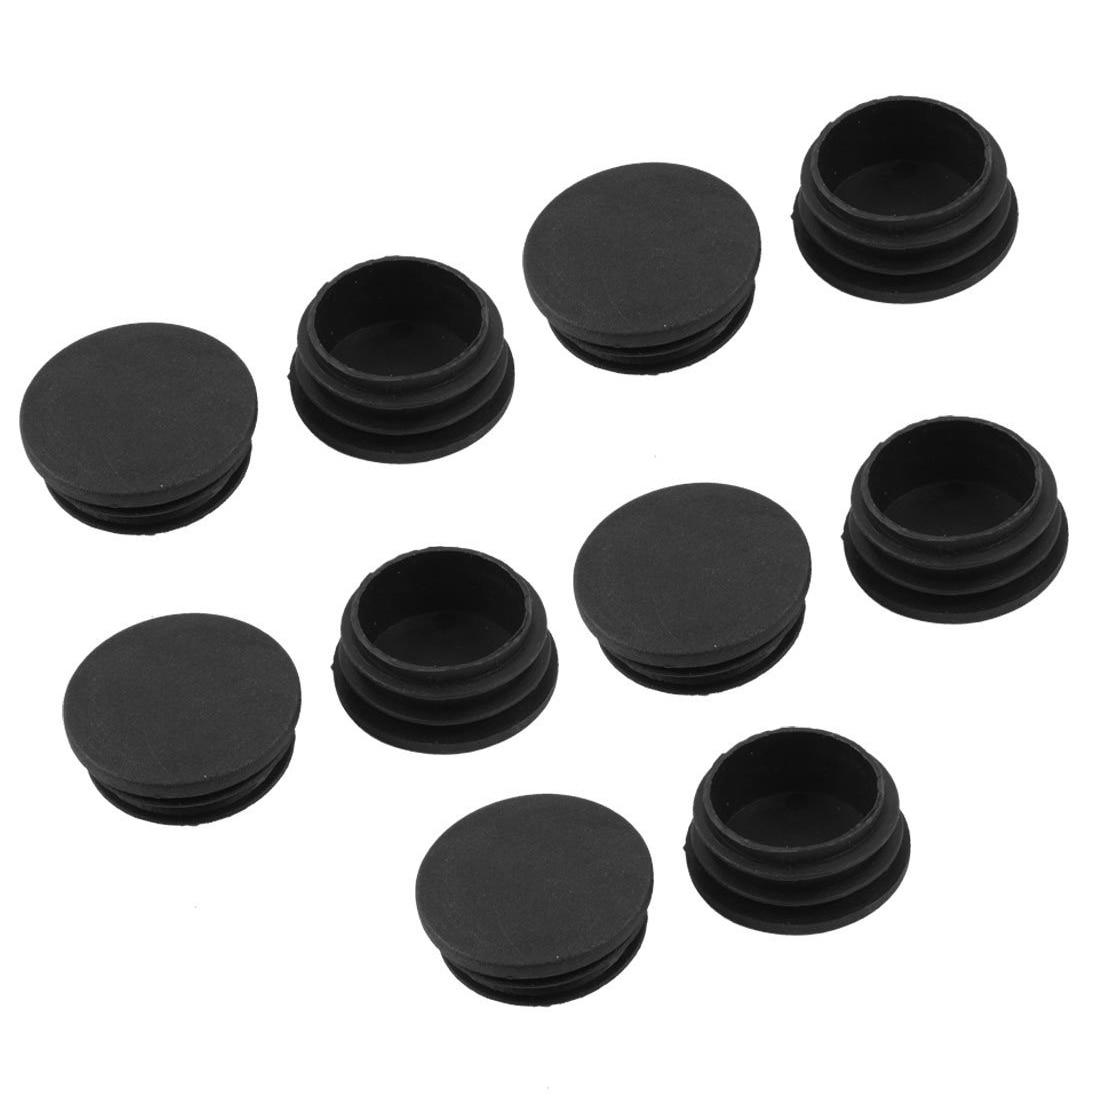 10 x plástico negro 38mm diámetro tubo redondo tapones de inserción cubiertas